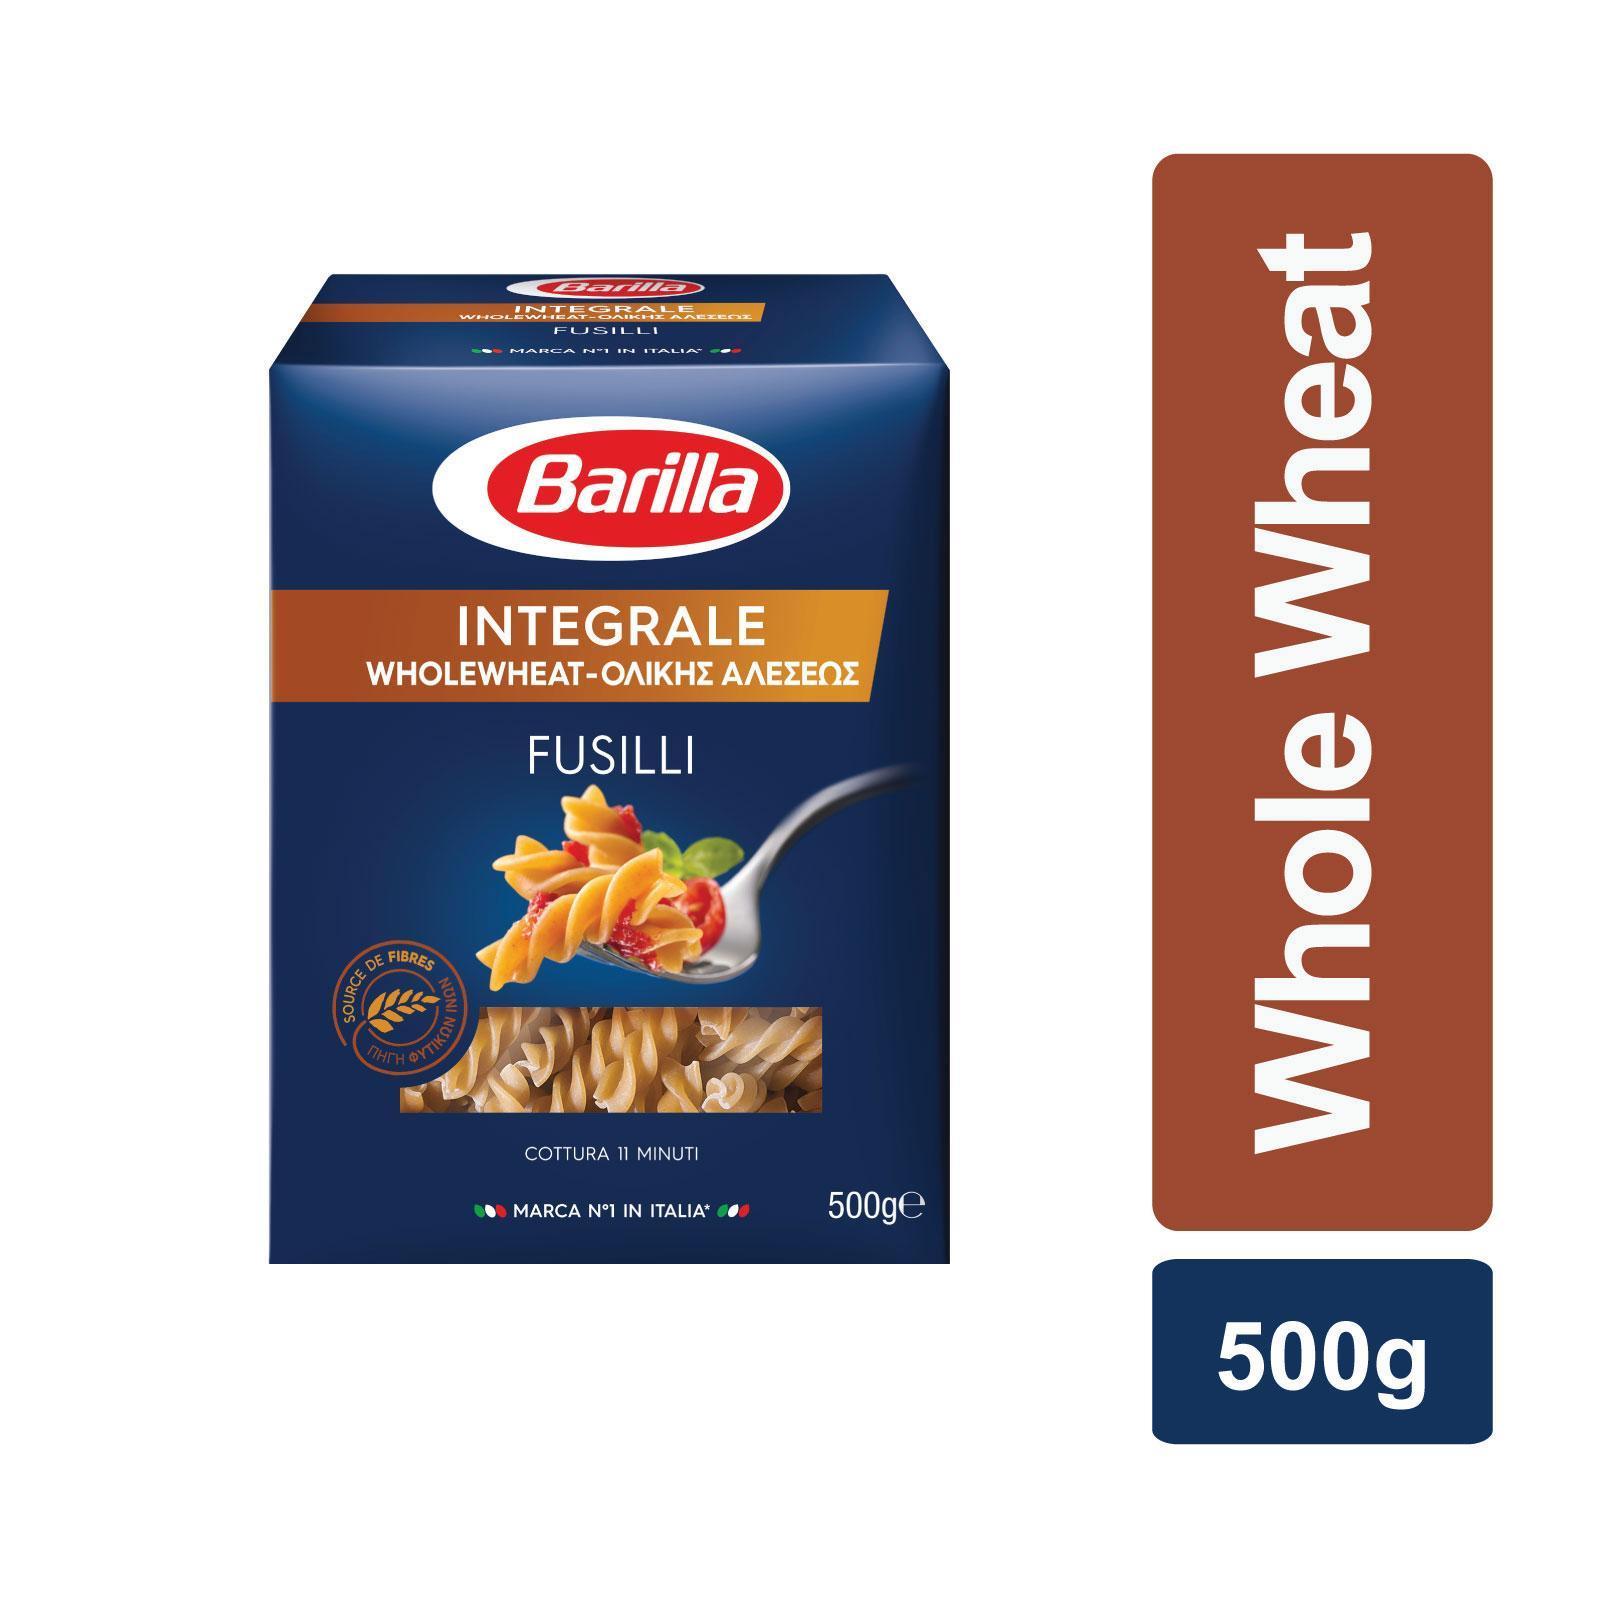 Barilla Fusilli Integrali Whole Wheat Pasta